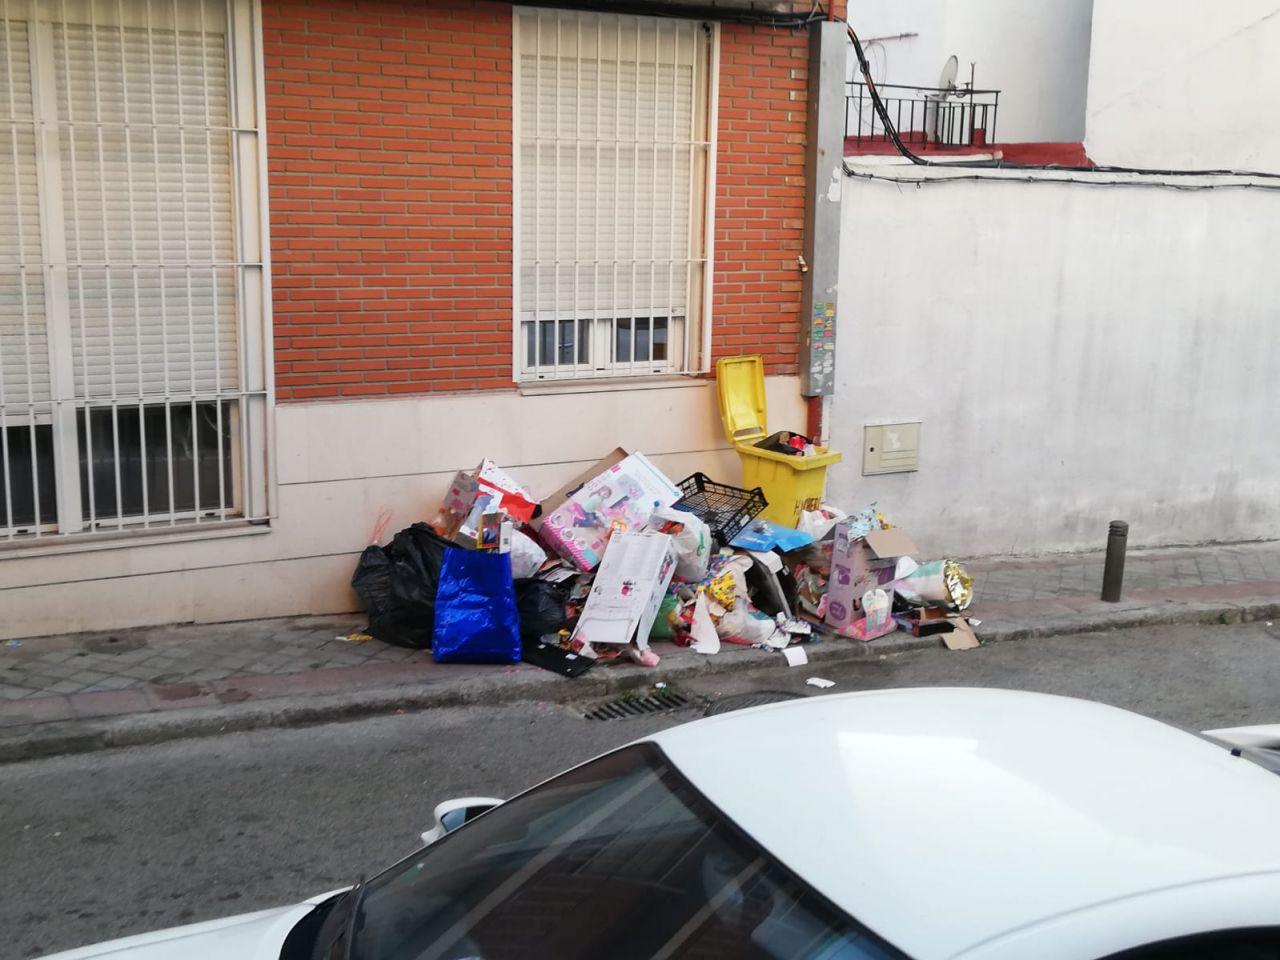 Destrozos realizados por los okupas en el número 50 de la calle Hachero, en Puente de Vallecas.